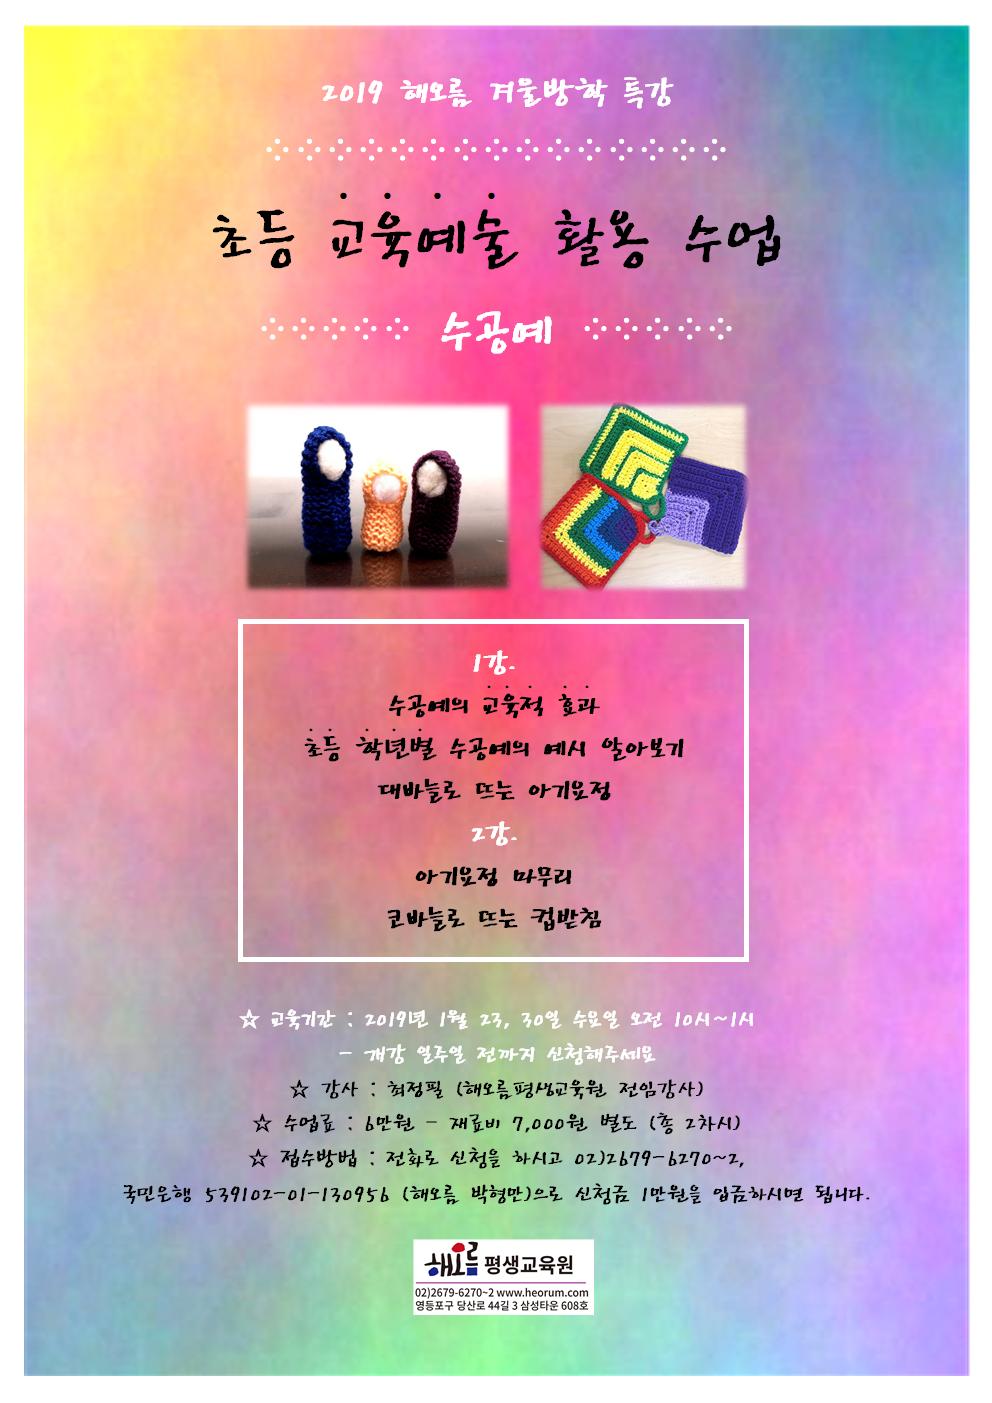 2019-01-23-초등교육예술수공예001.png